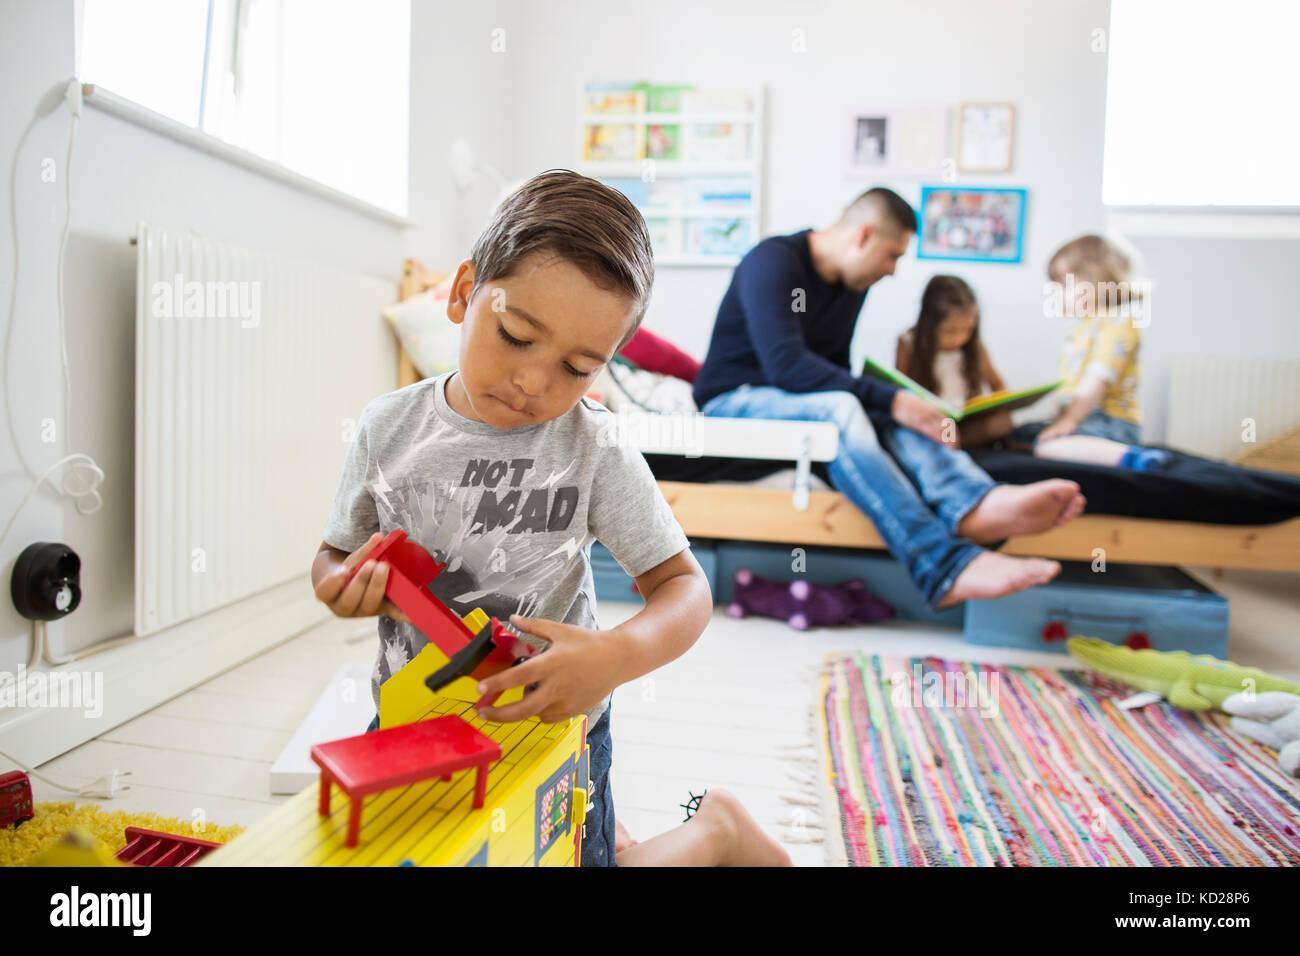 Padre e figli (2-3, 6-7) giocando in camera Immagini Stock